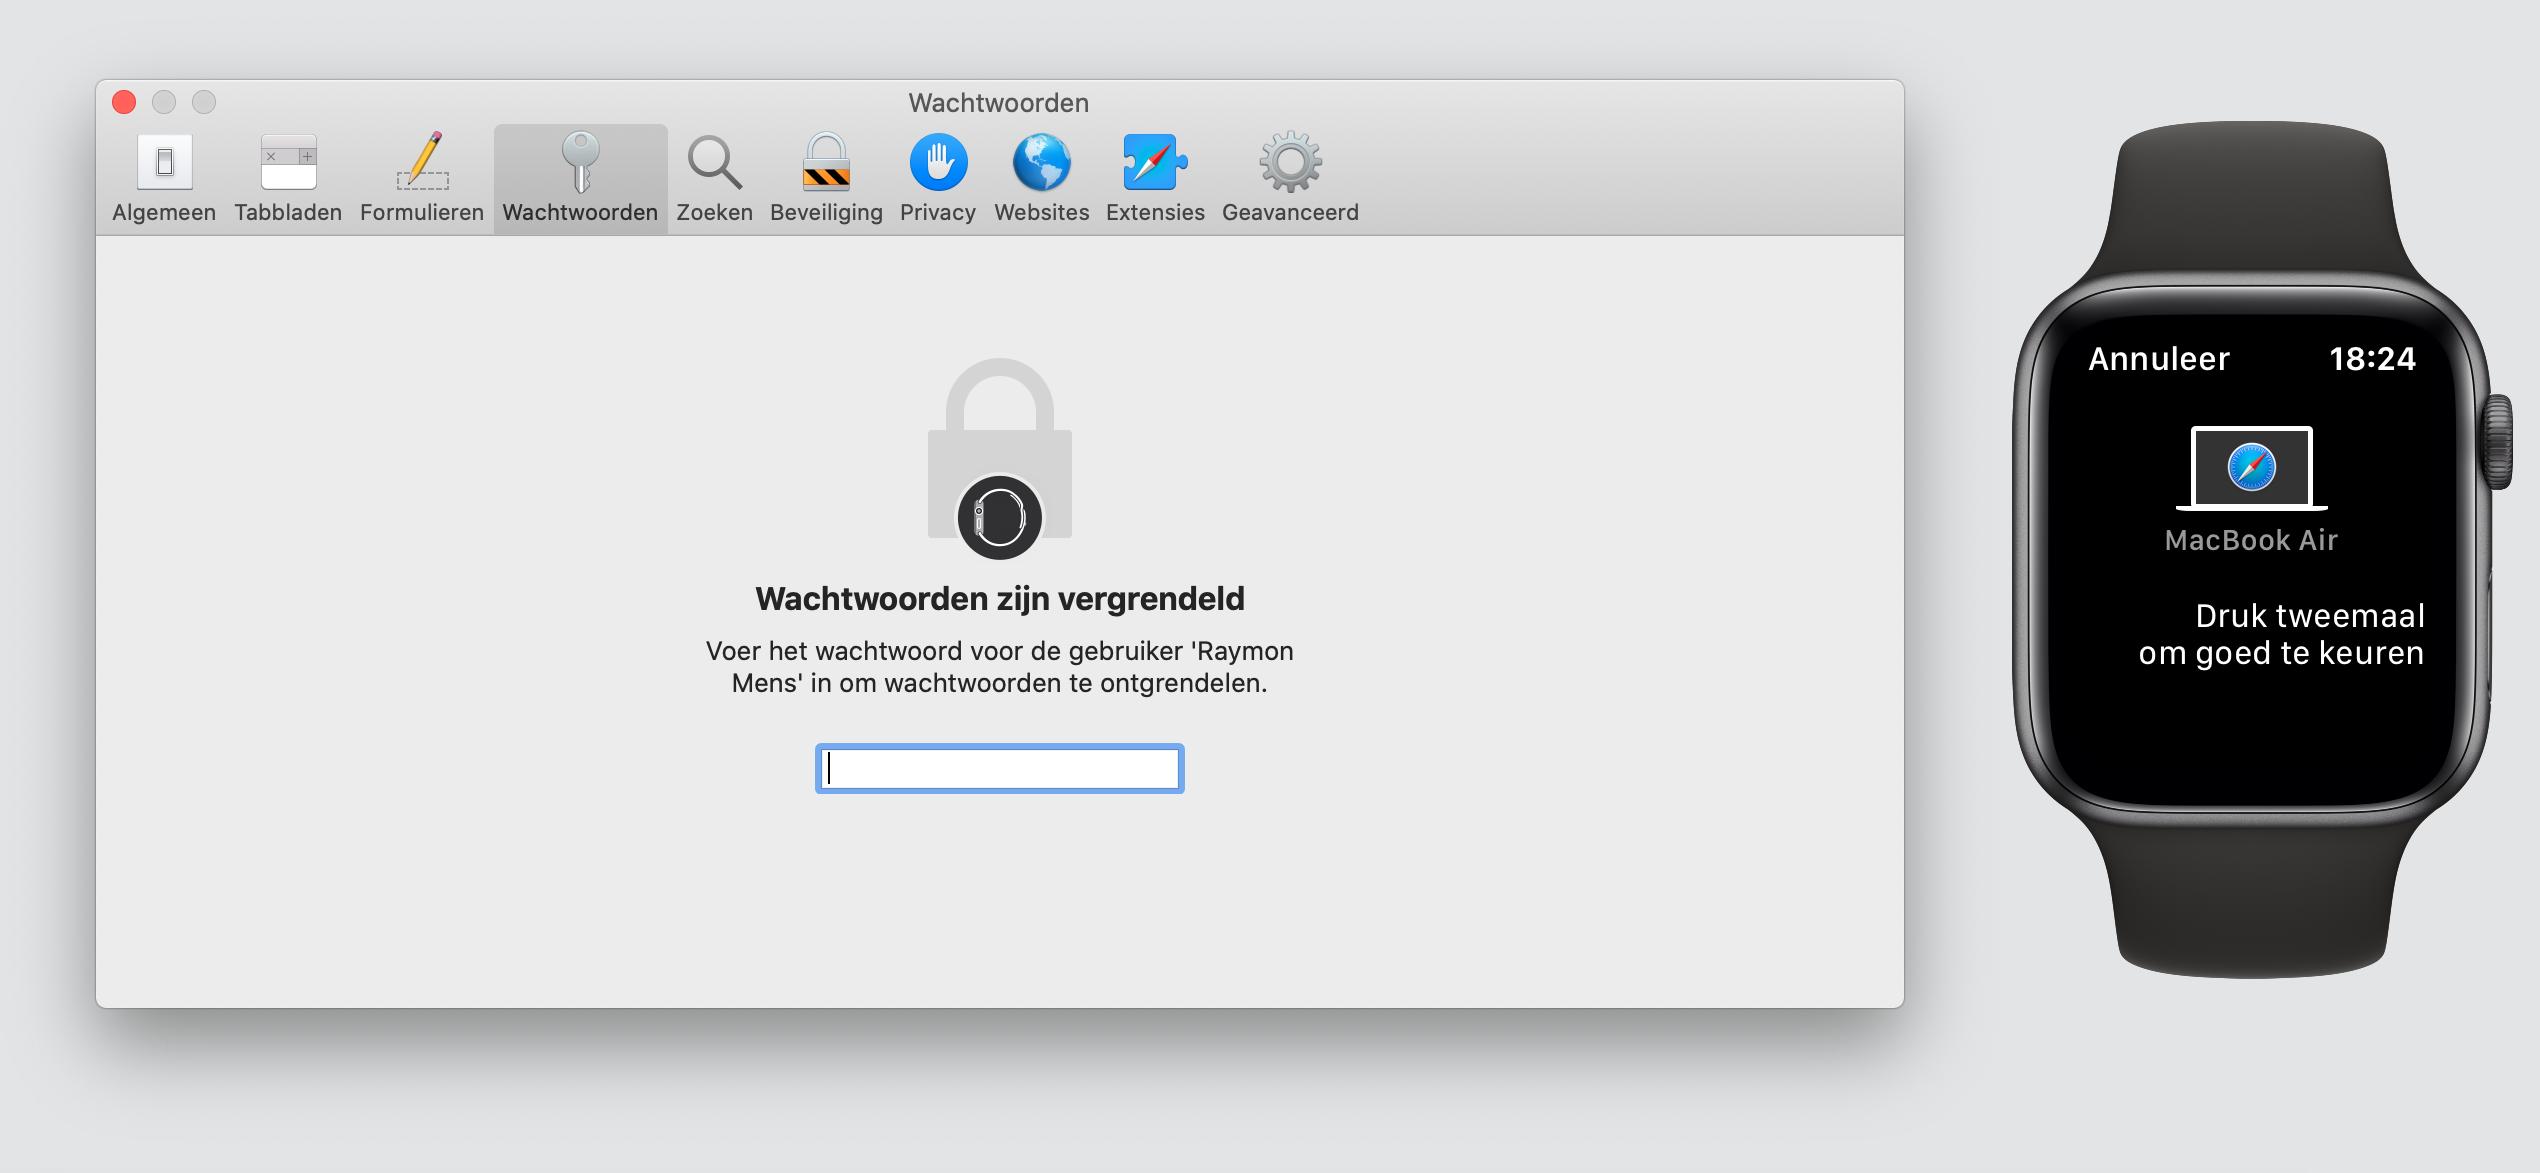 Apple Watch macOS Catalina watchOS 6 wachtwoorden